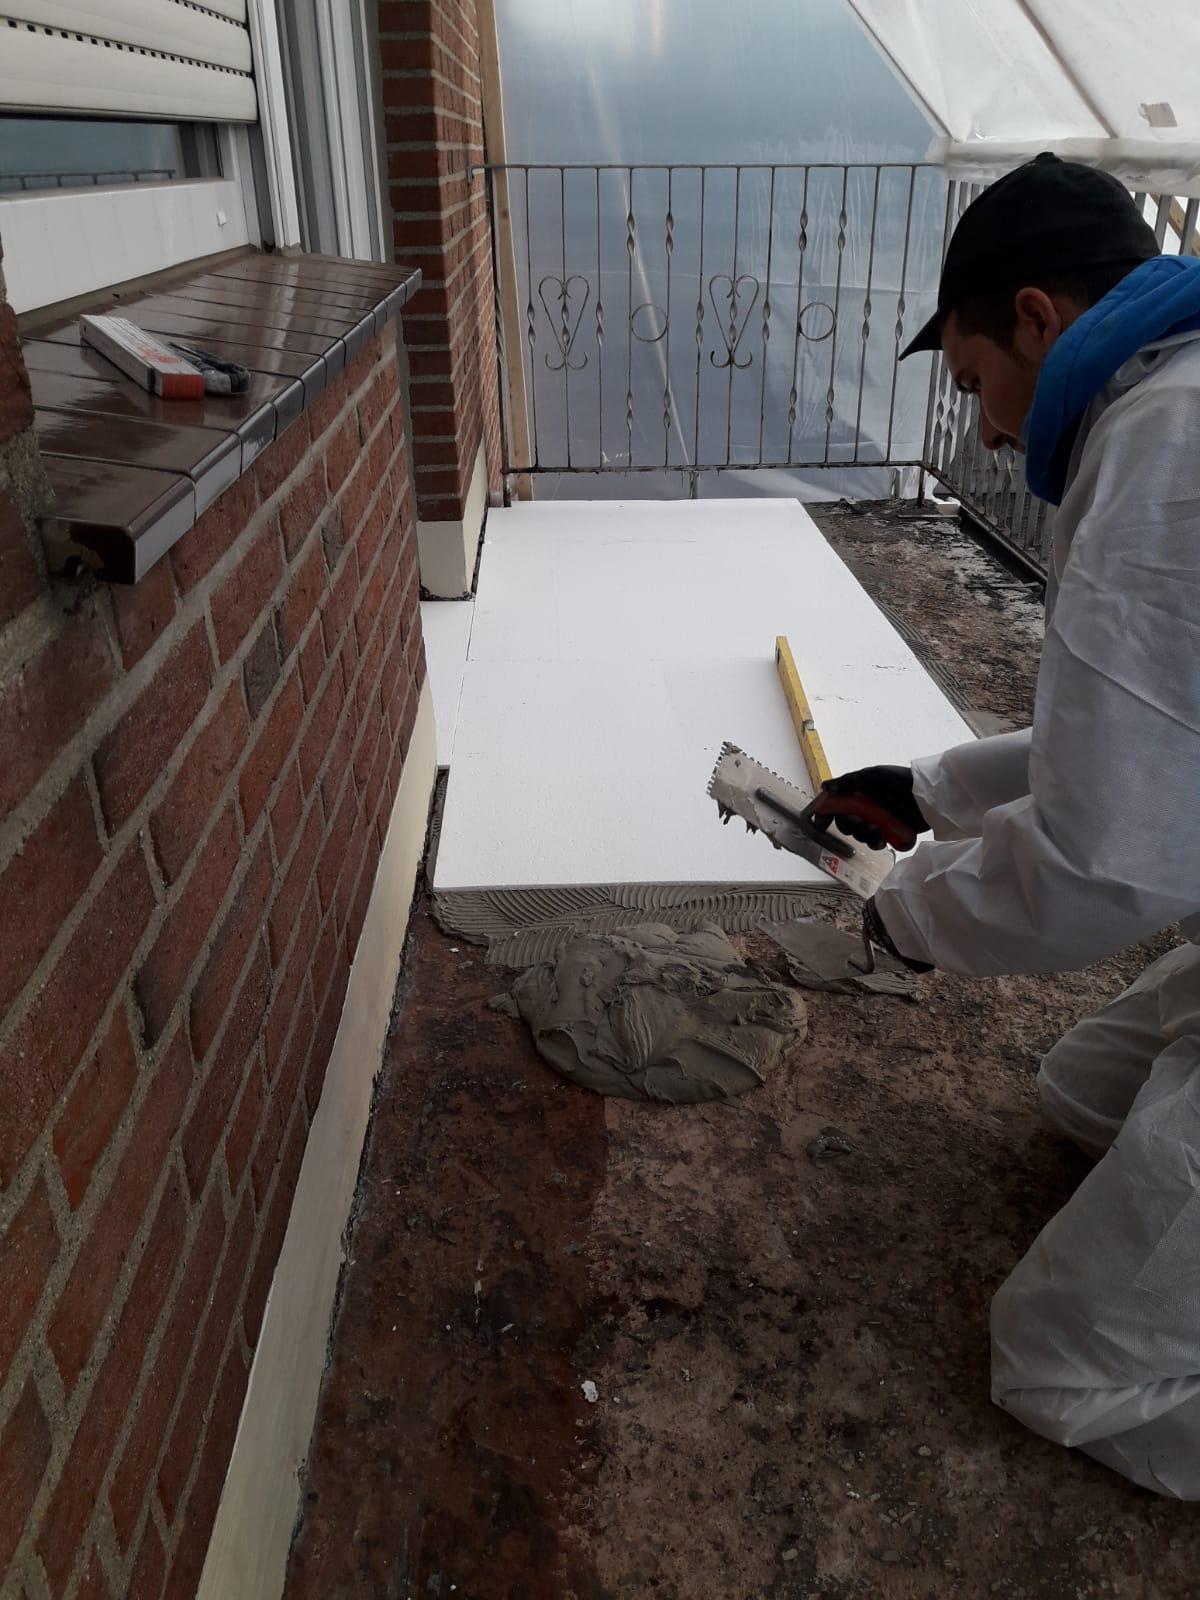 Balkonsanierung im Winter – Zemetfaserplatten statt Betonestrich für schnellere Trocknungszeiten!